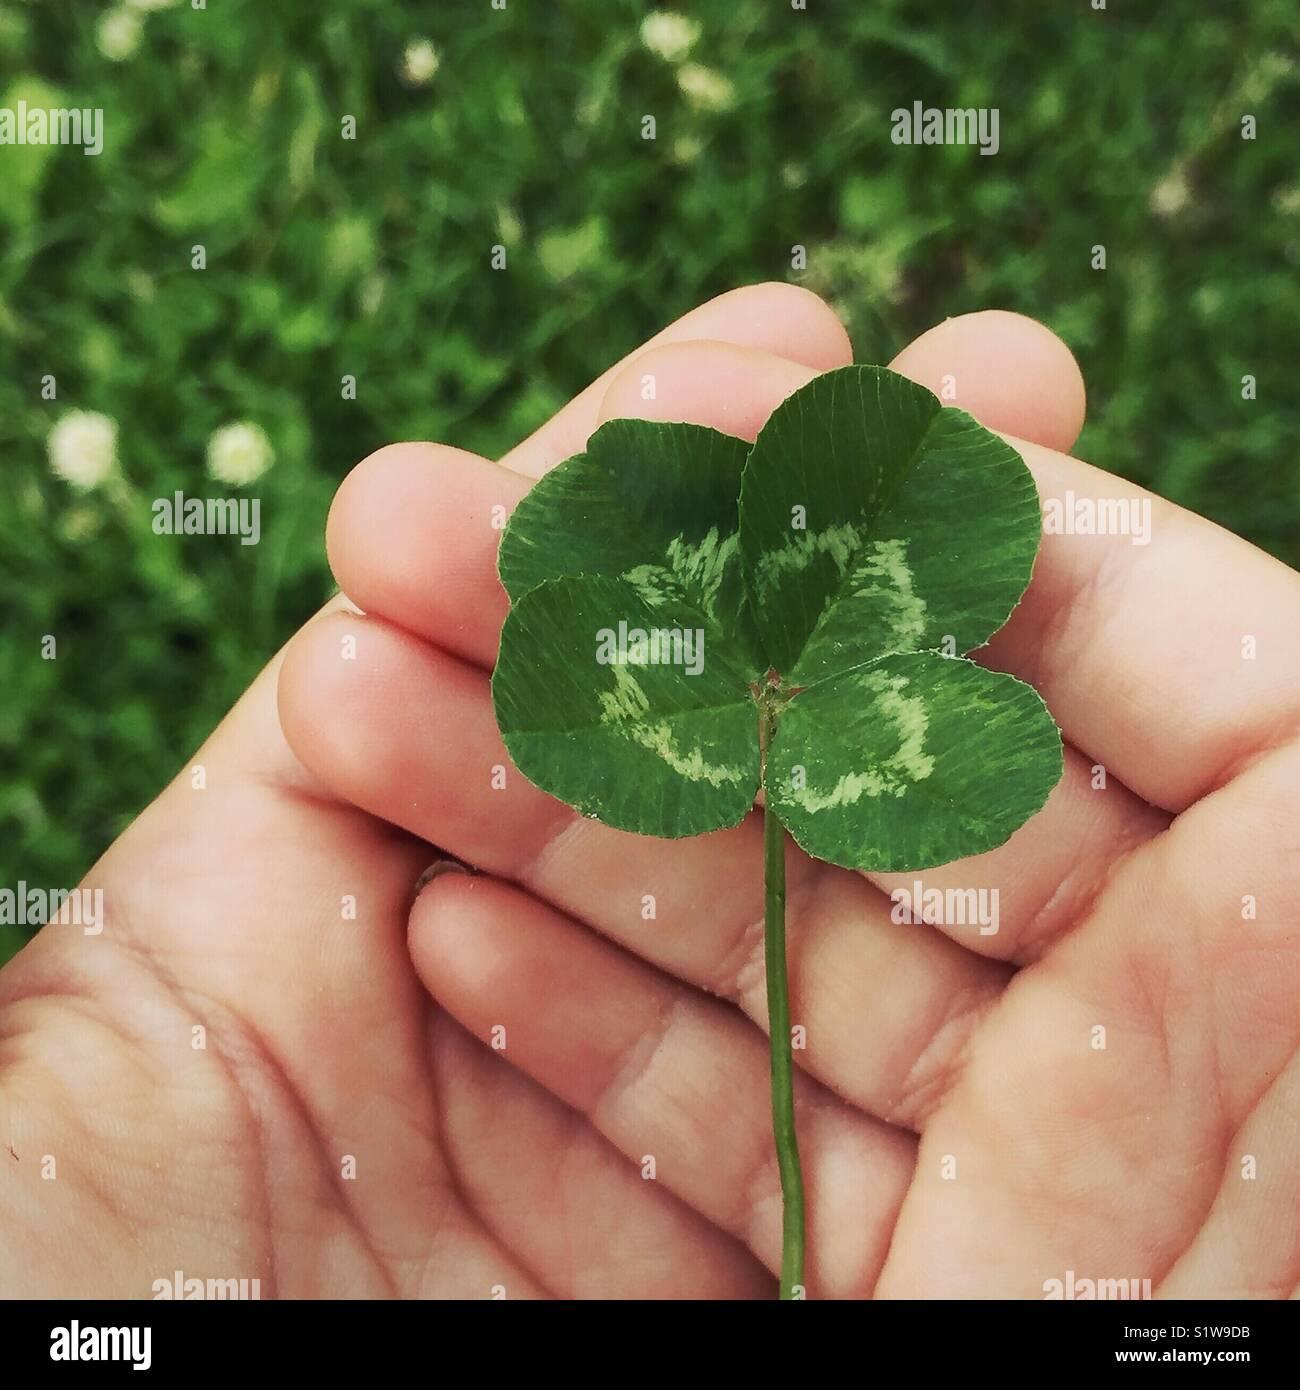 Les mains de l'enfant tenant un trèfle à quatre feuilles Photo Stock